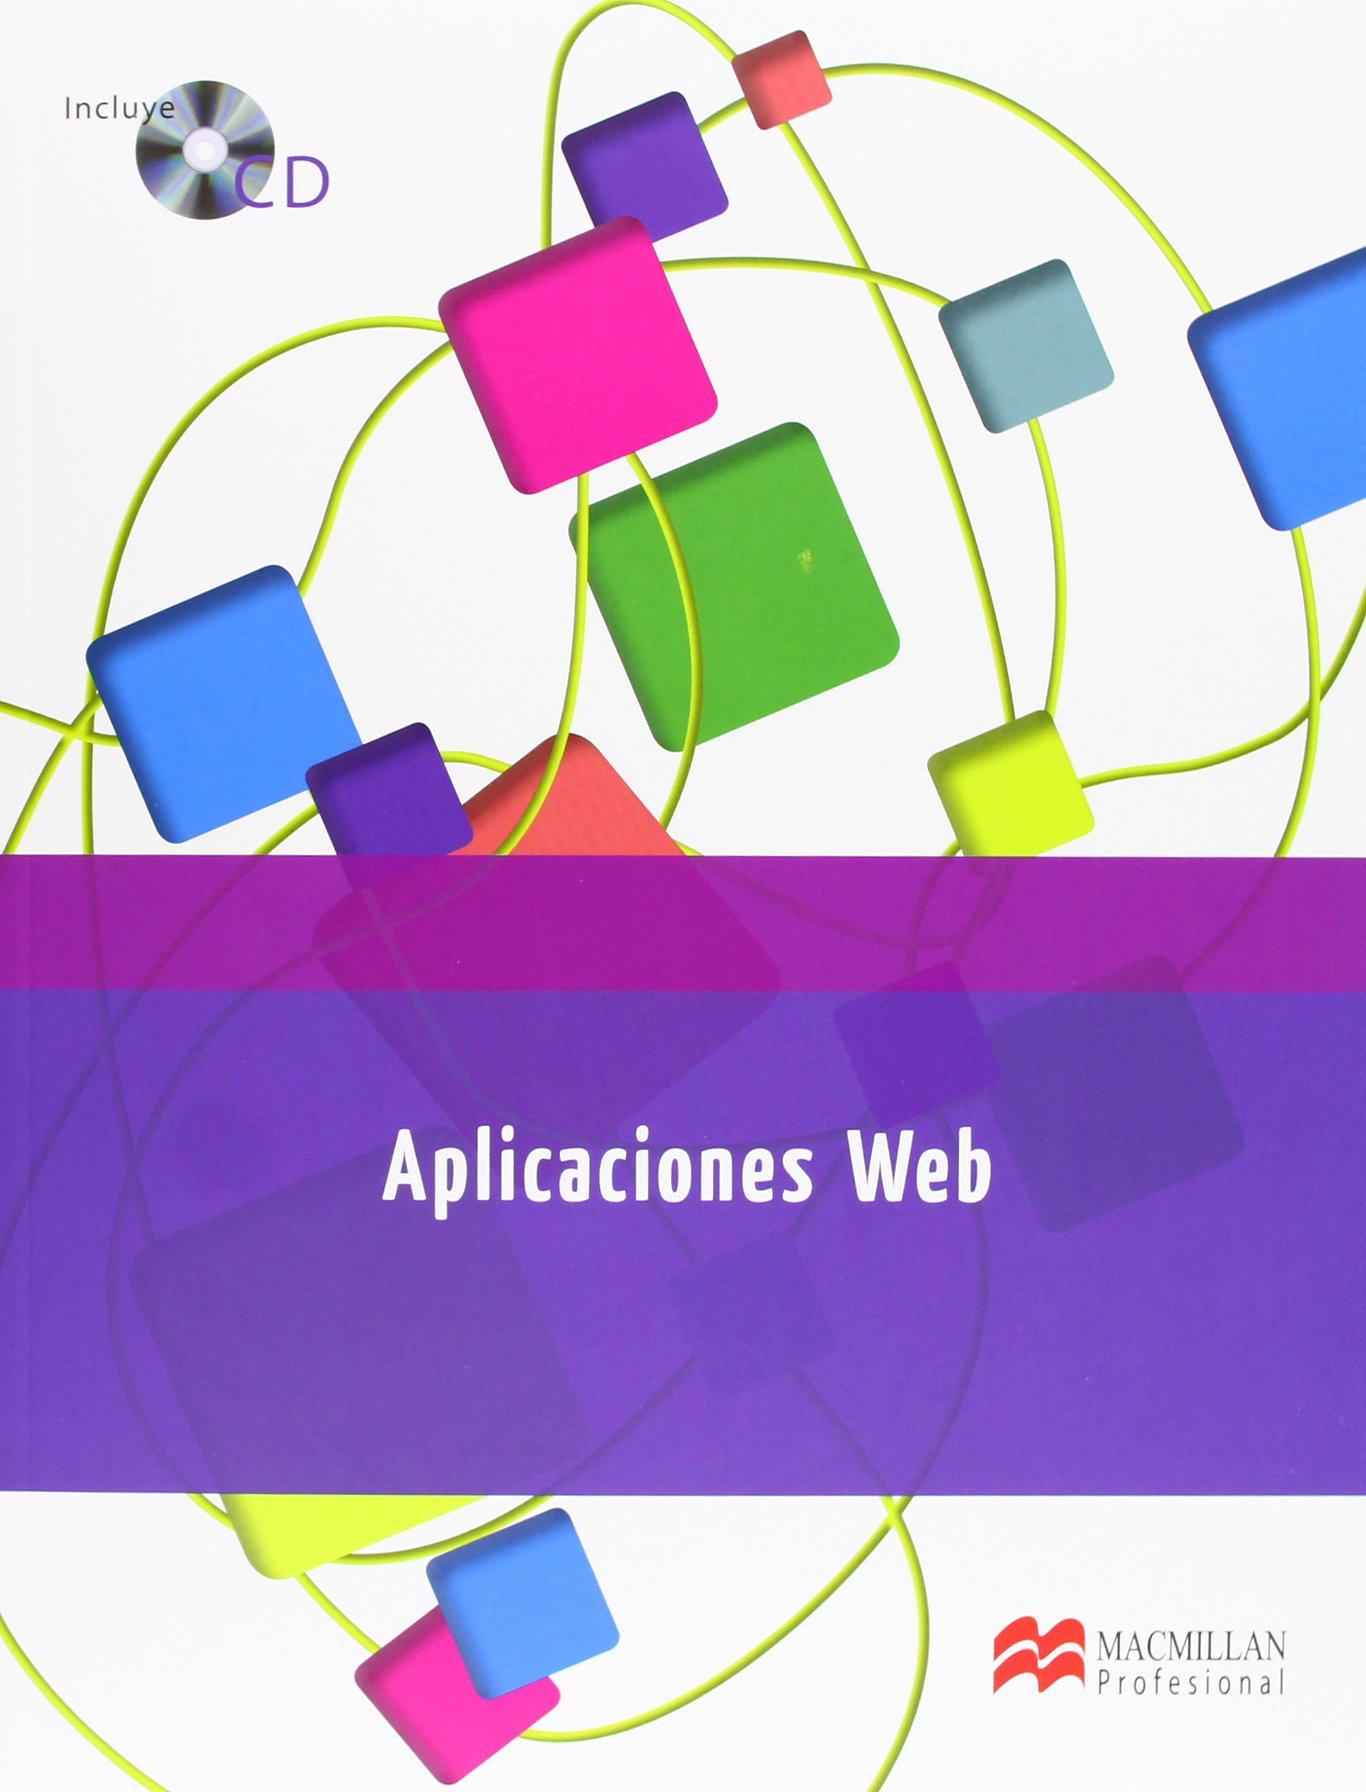 Aplicaciones Web 2013 (Informática) Tapa blanda – 1 feb 2013 Javier Zofío Jiménez Heinemann 8415656653 Computación en la nube